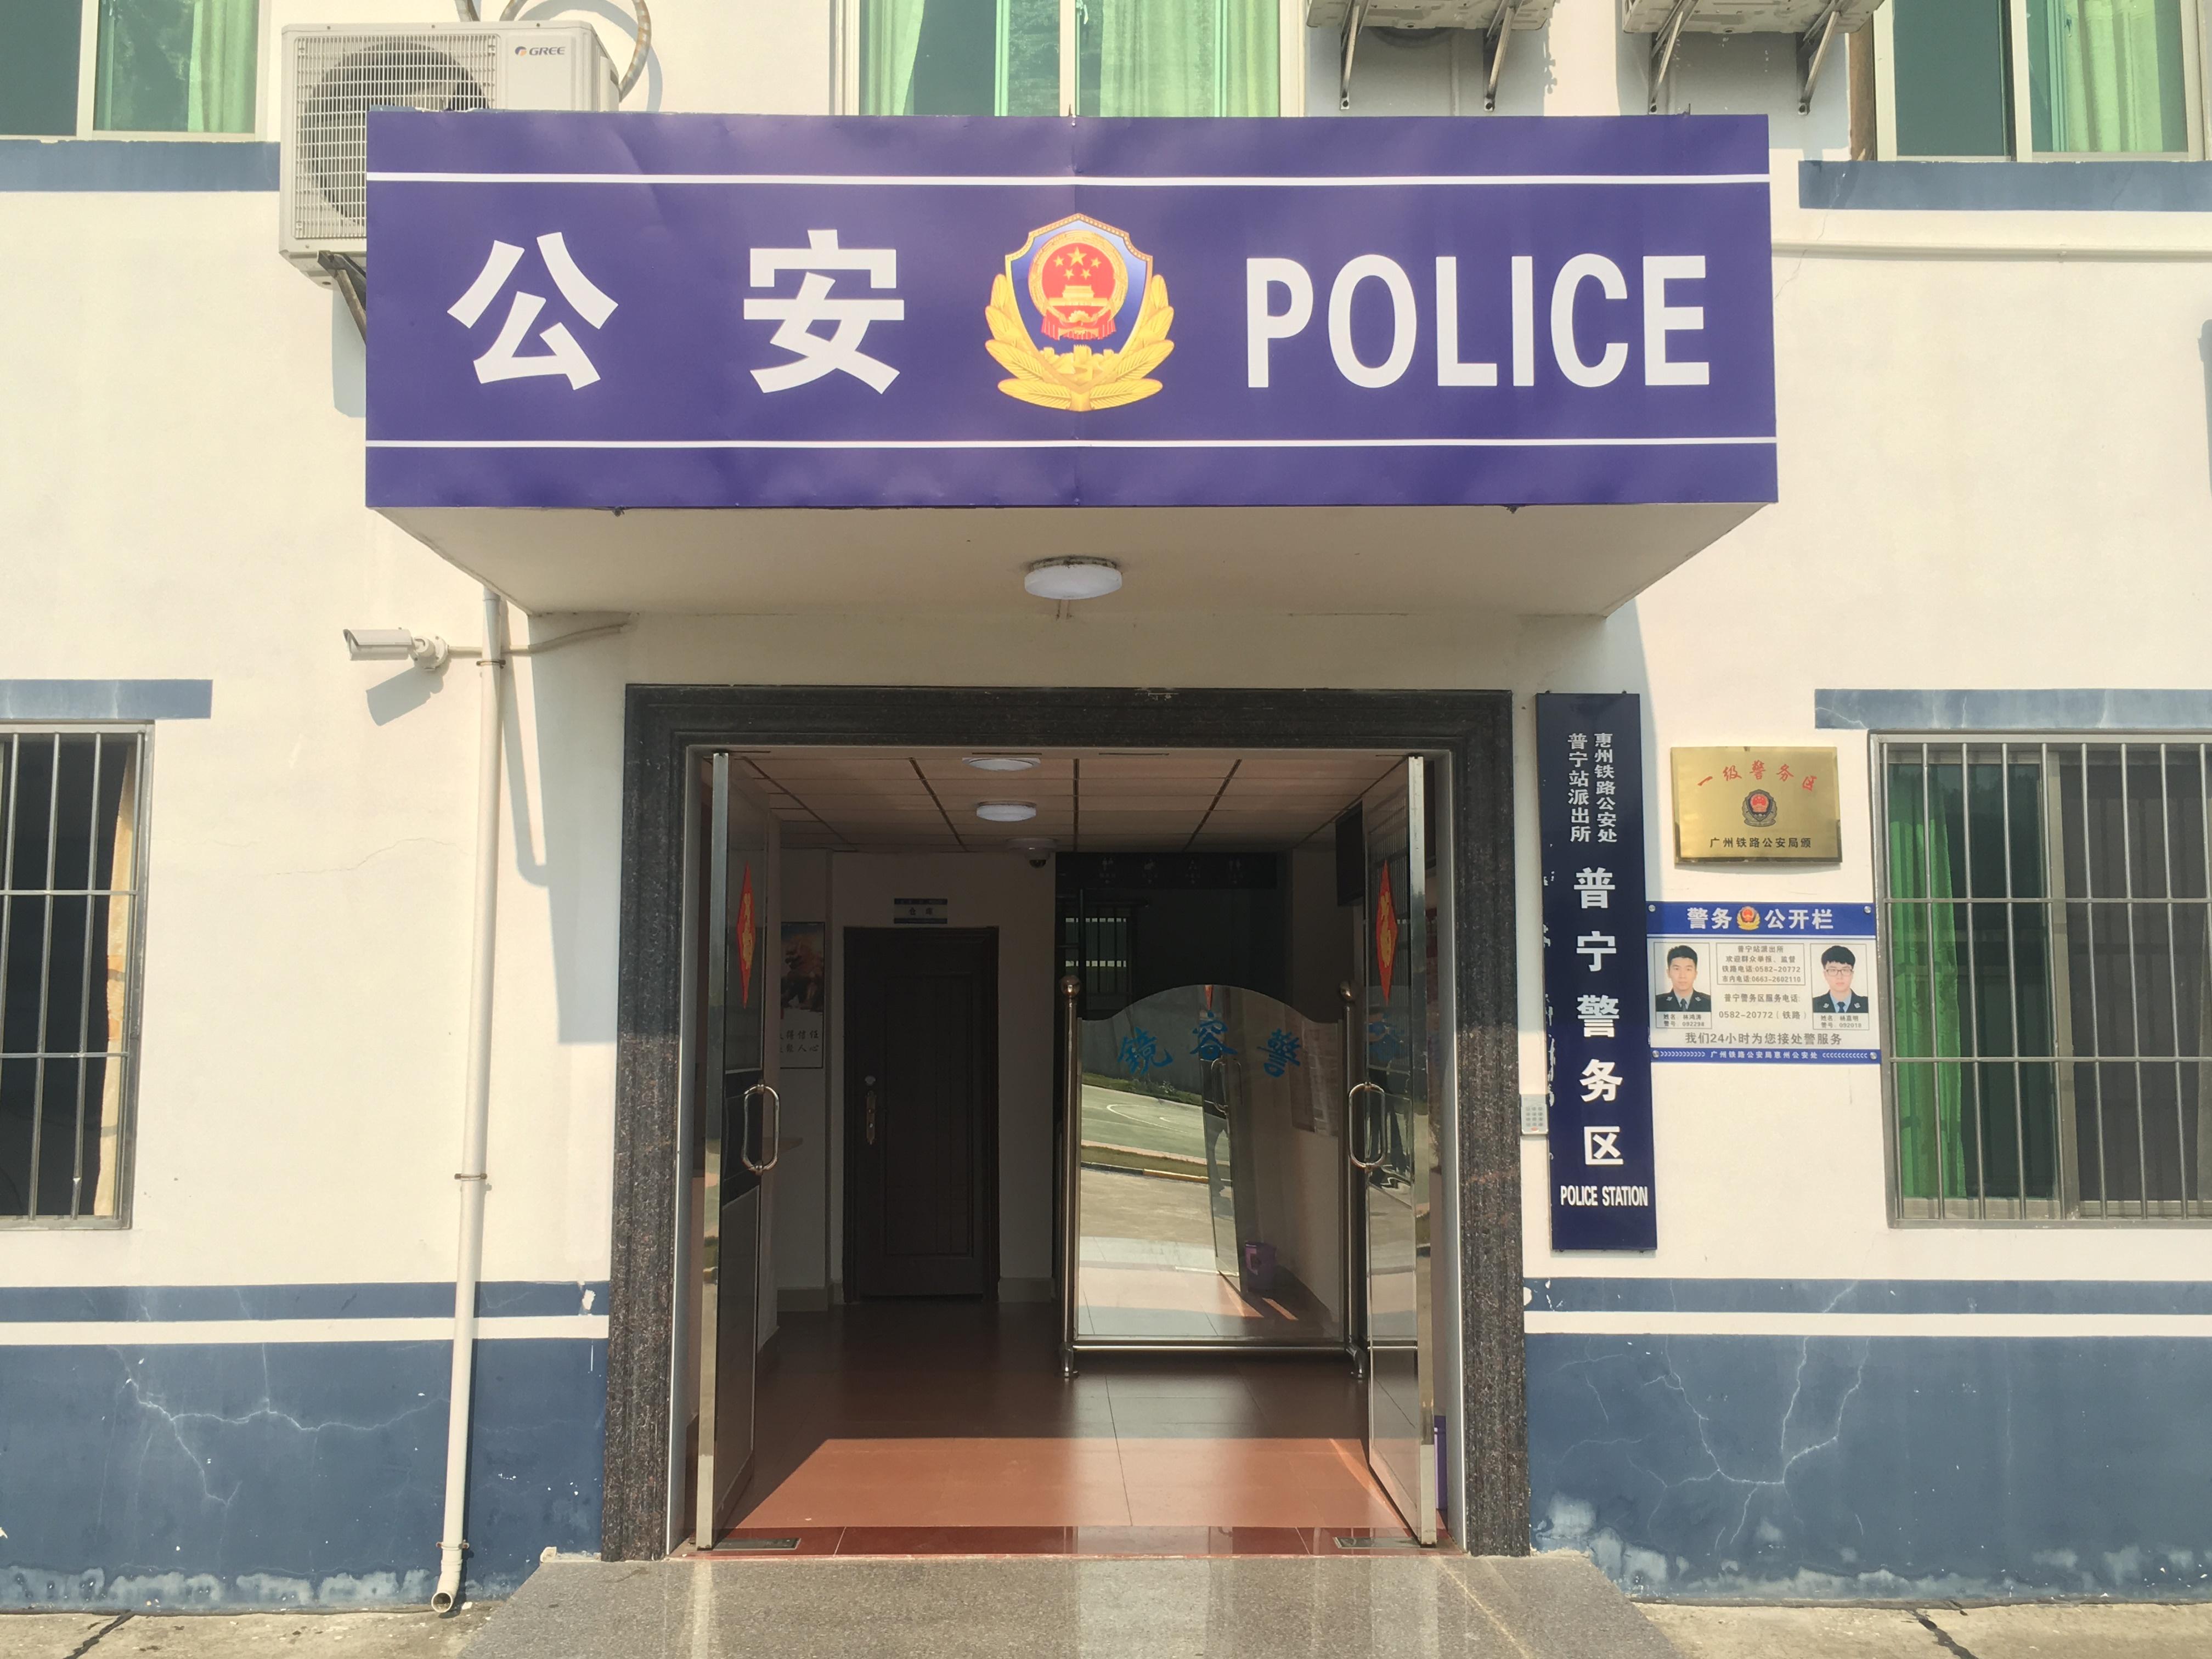 电信诈骗团伙老窝被端 潜逃人员被惠州铁路公安处普宁站派出所民警抓获